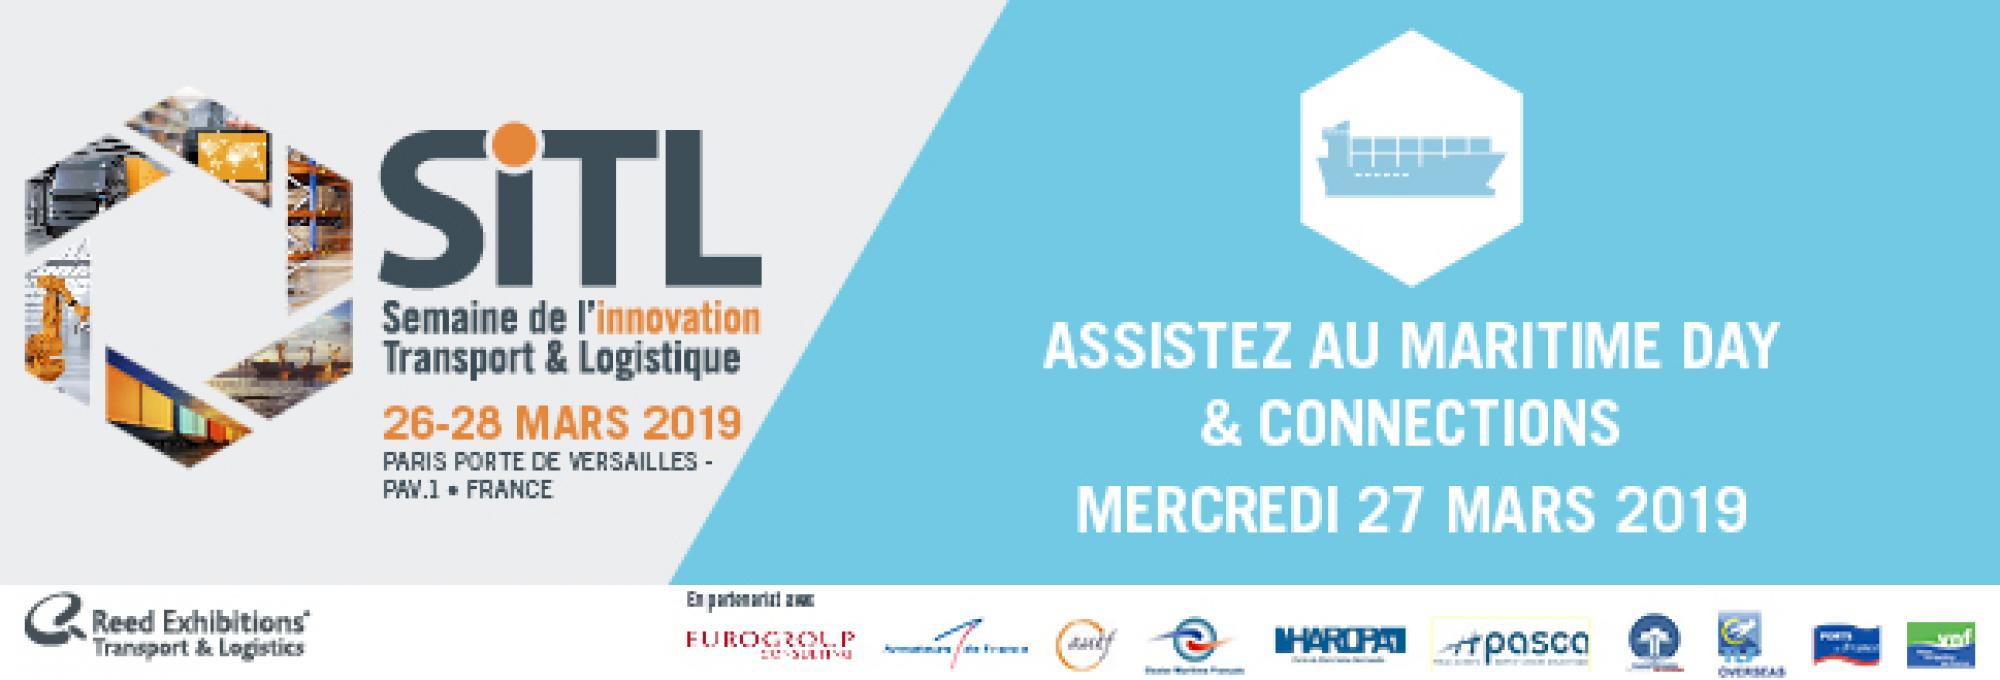 SITL du 26 au 28 mars 2019 à Paris